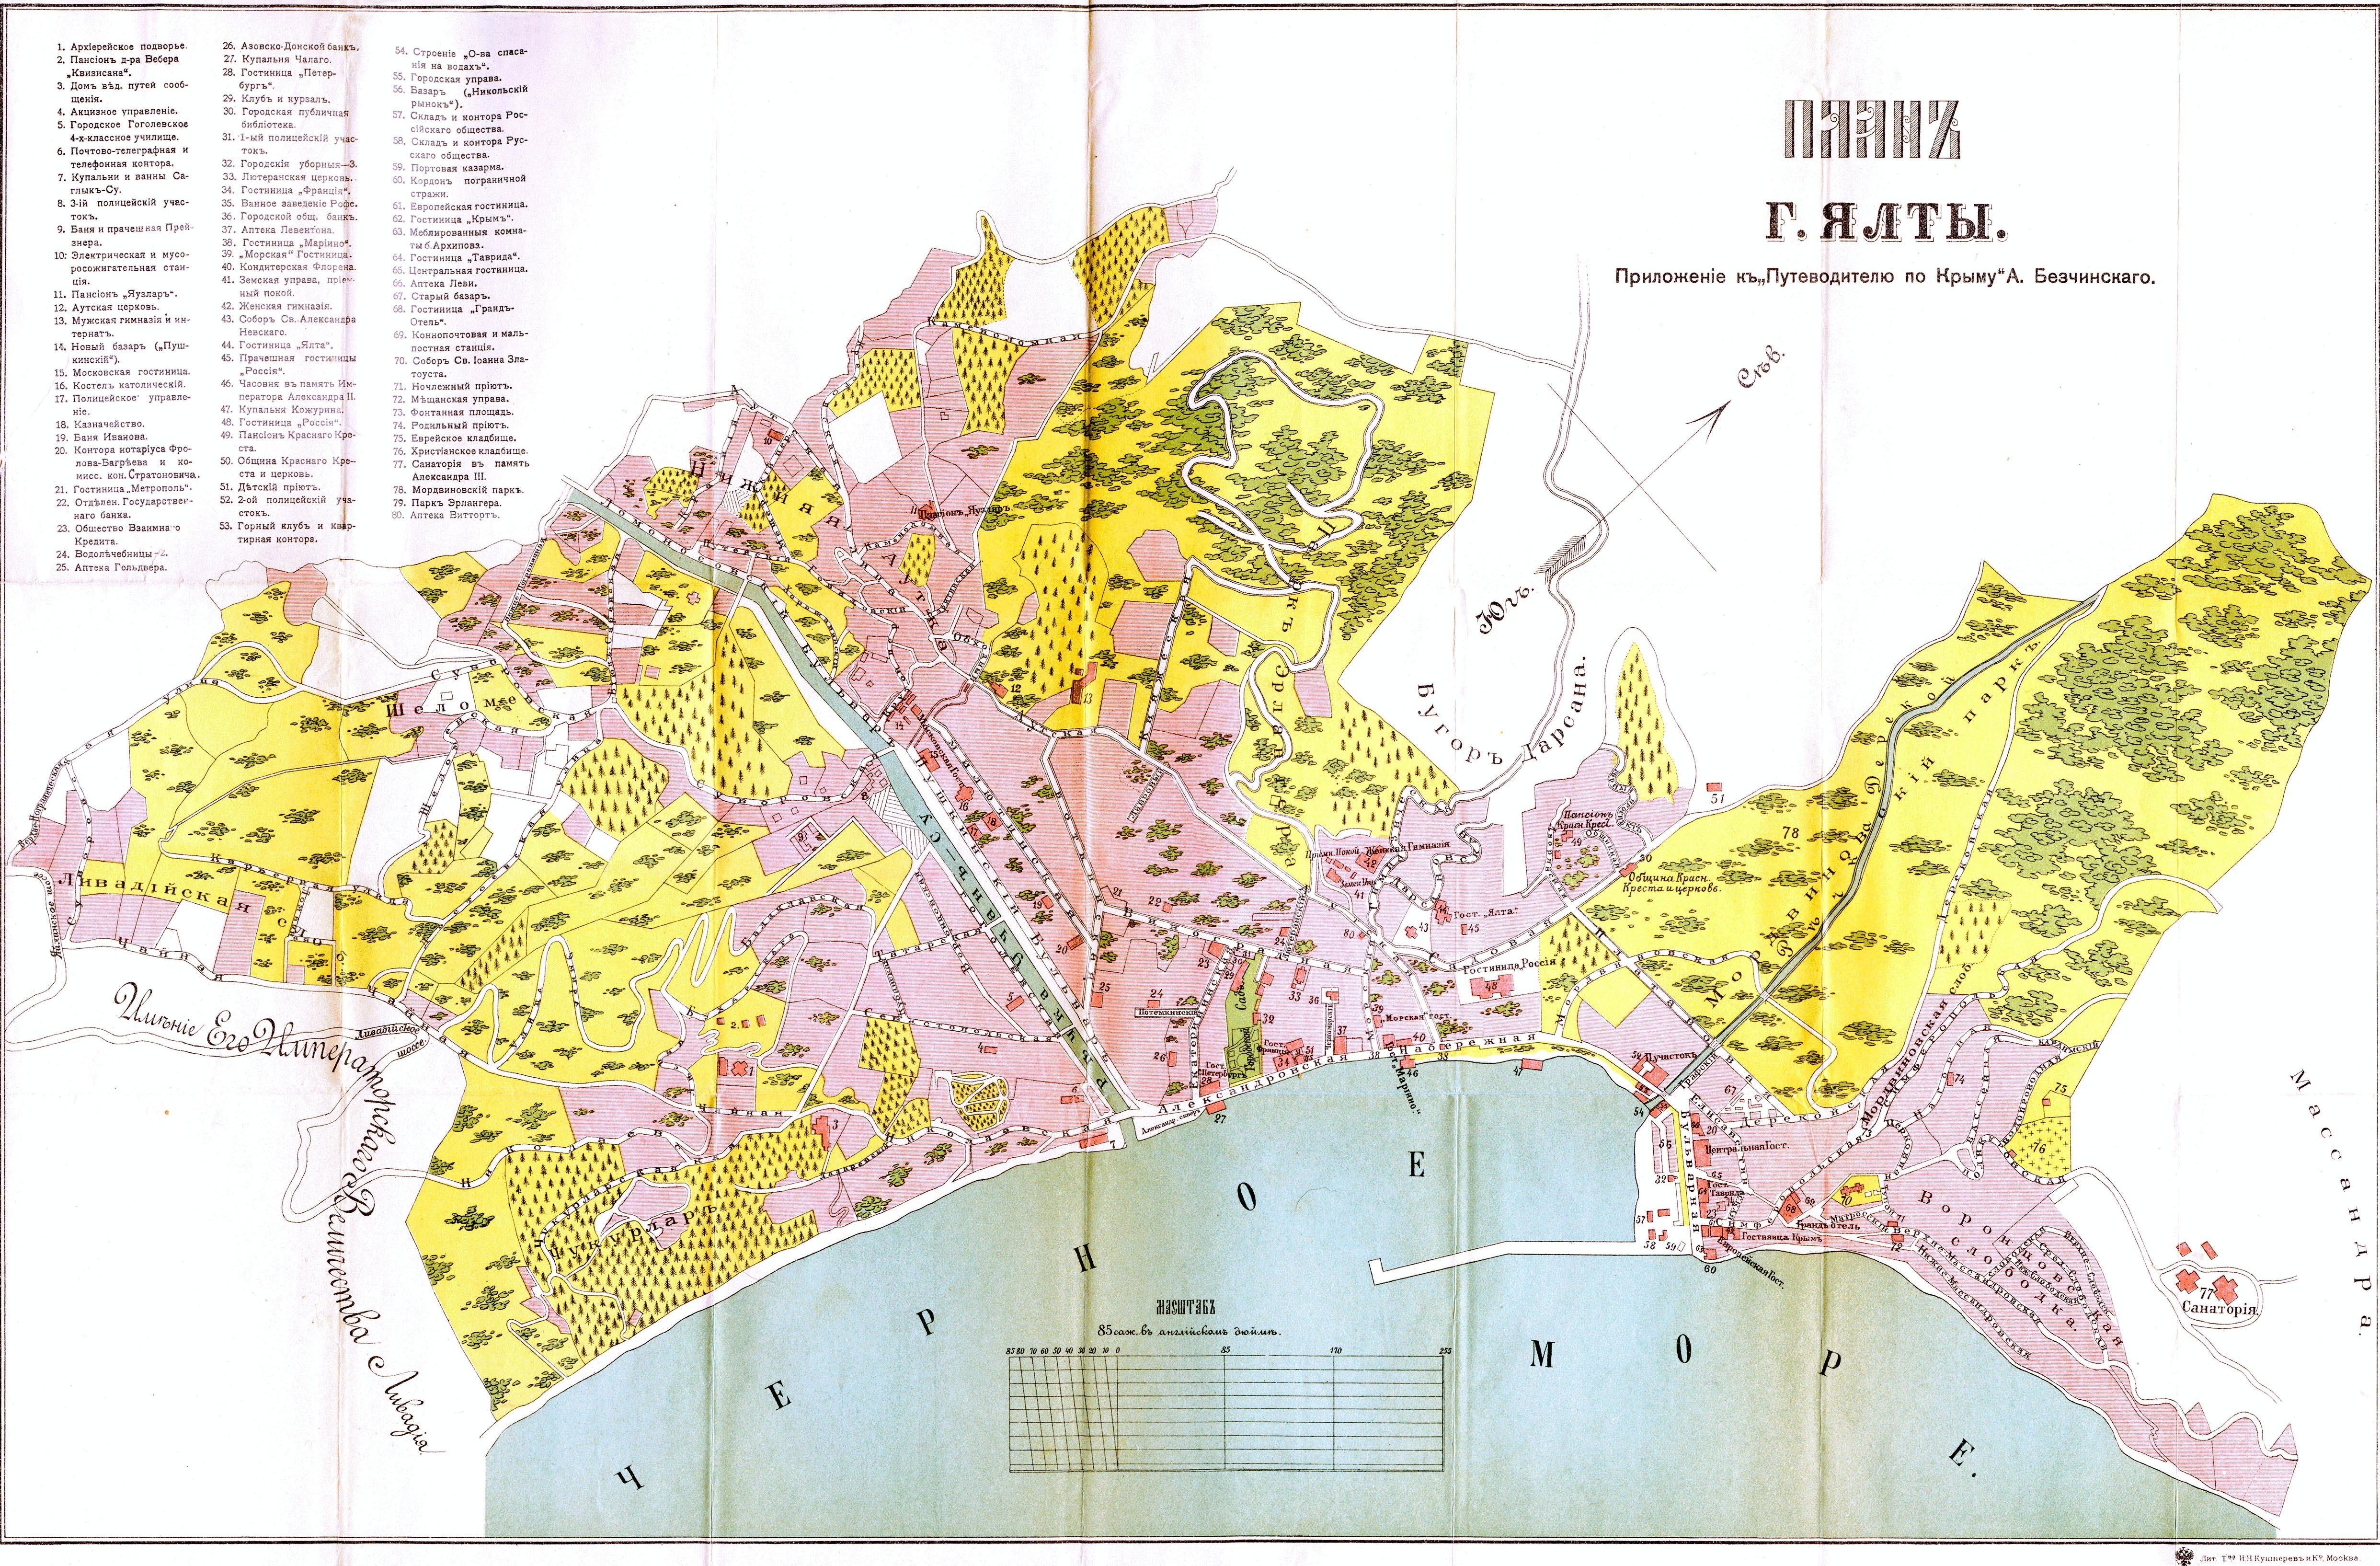 Старинная карта Ялты истории 1908 года